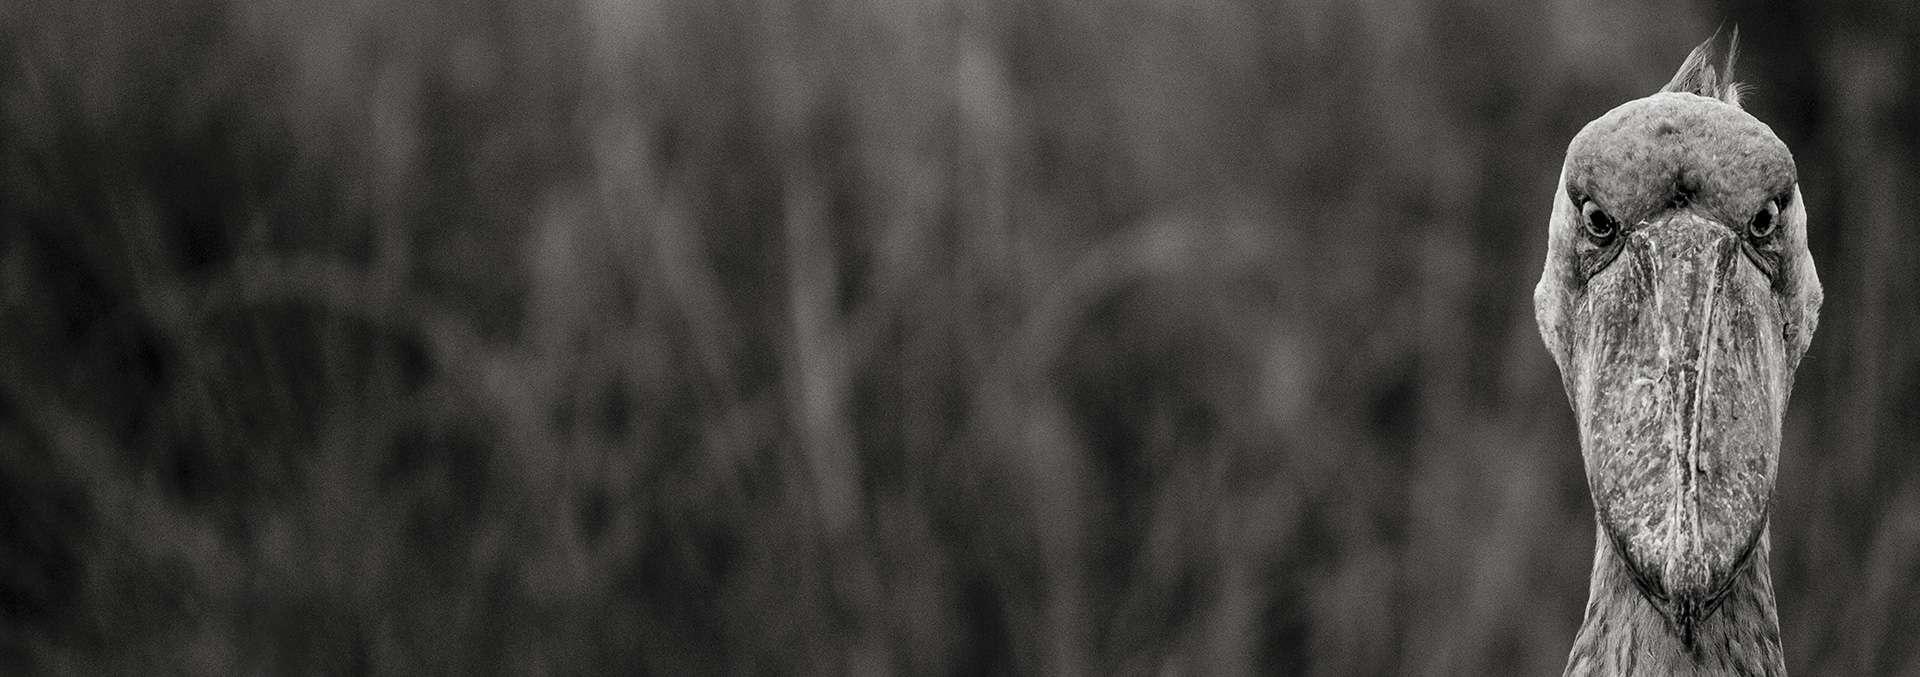 Gilles Martin's photograph : shoebill from Ouganda, Struggle for life